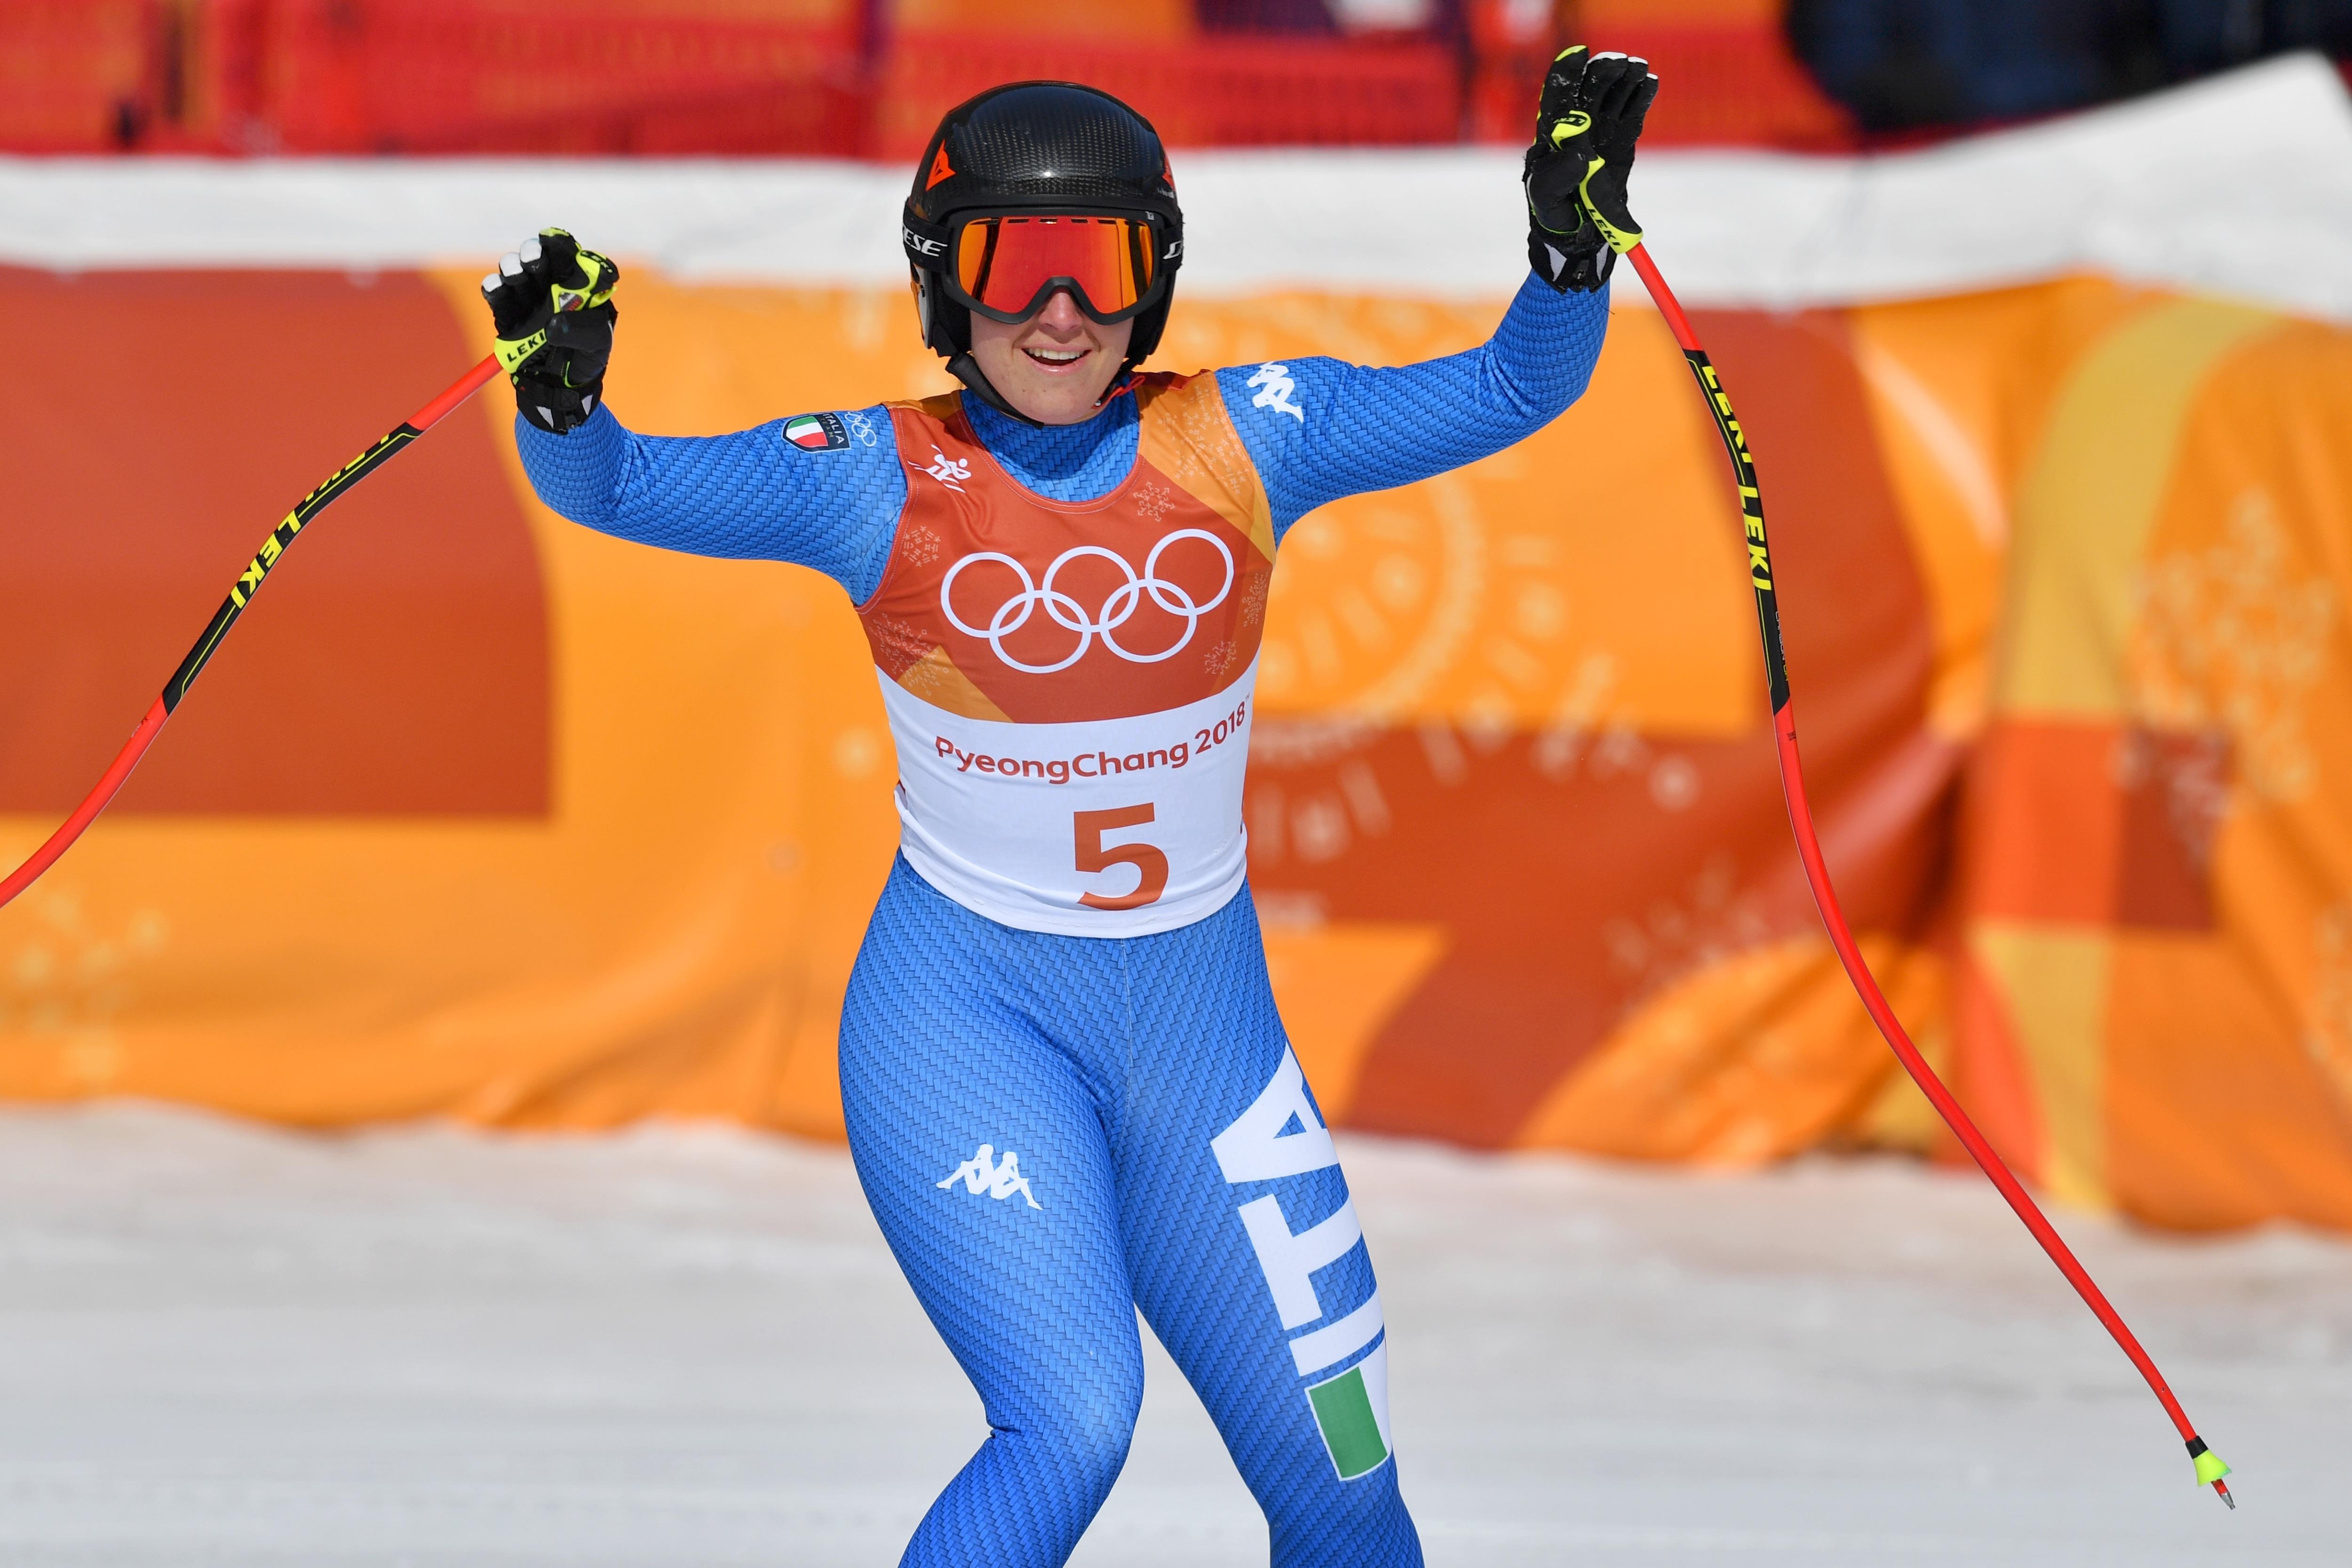 Le foto più belle della sciatrice Sofia Goggia, oro alle Olimpiadi / Image 5